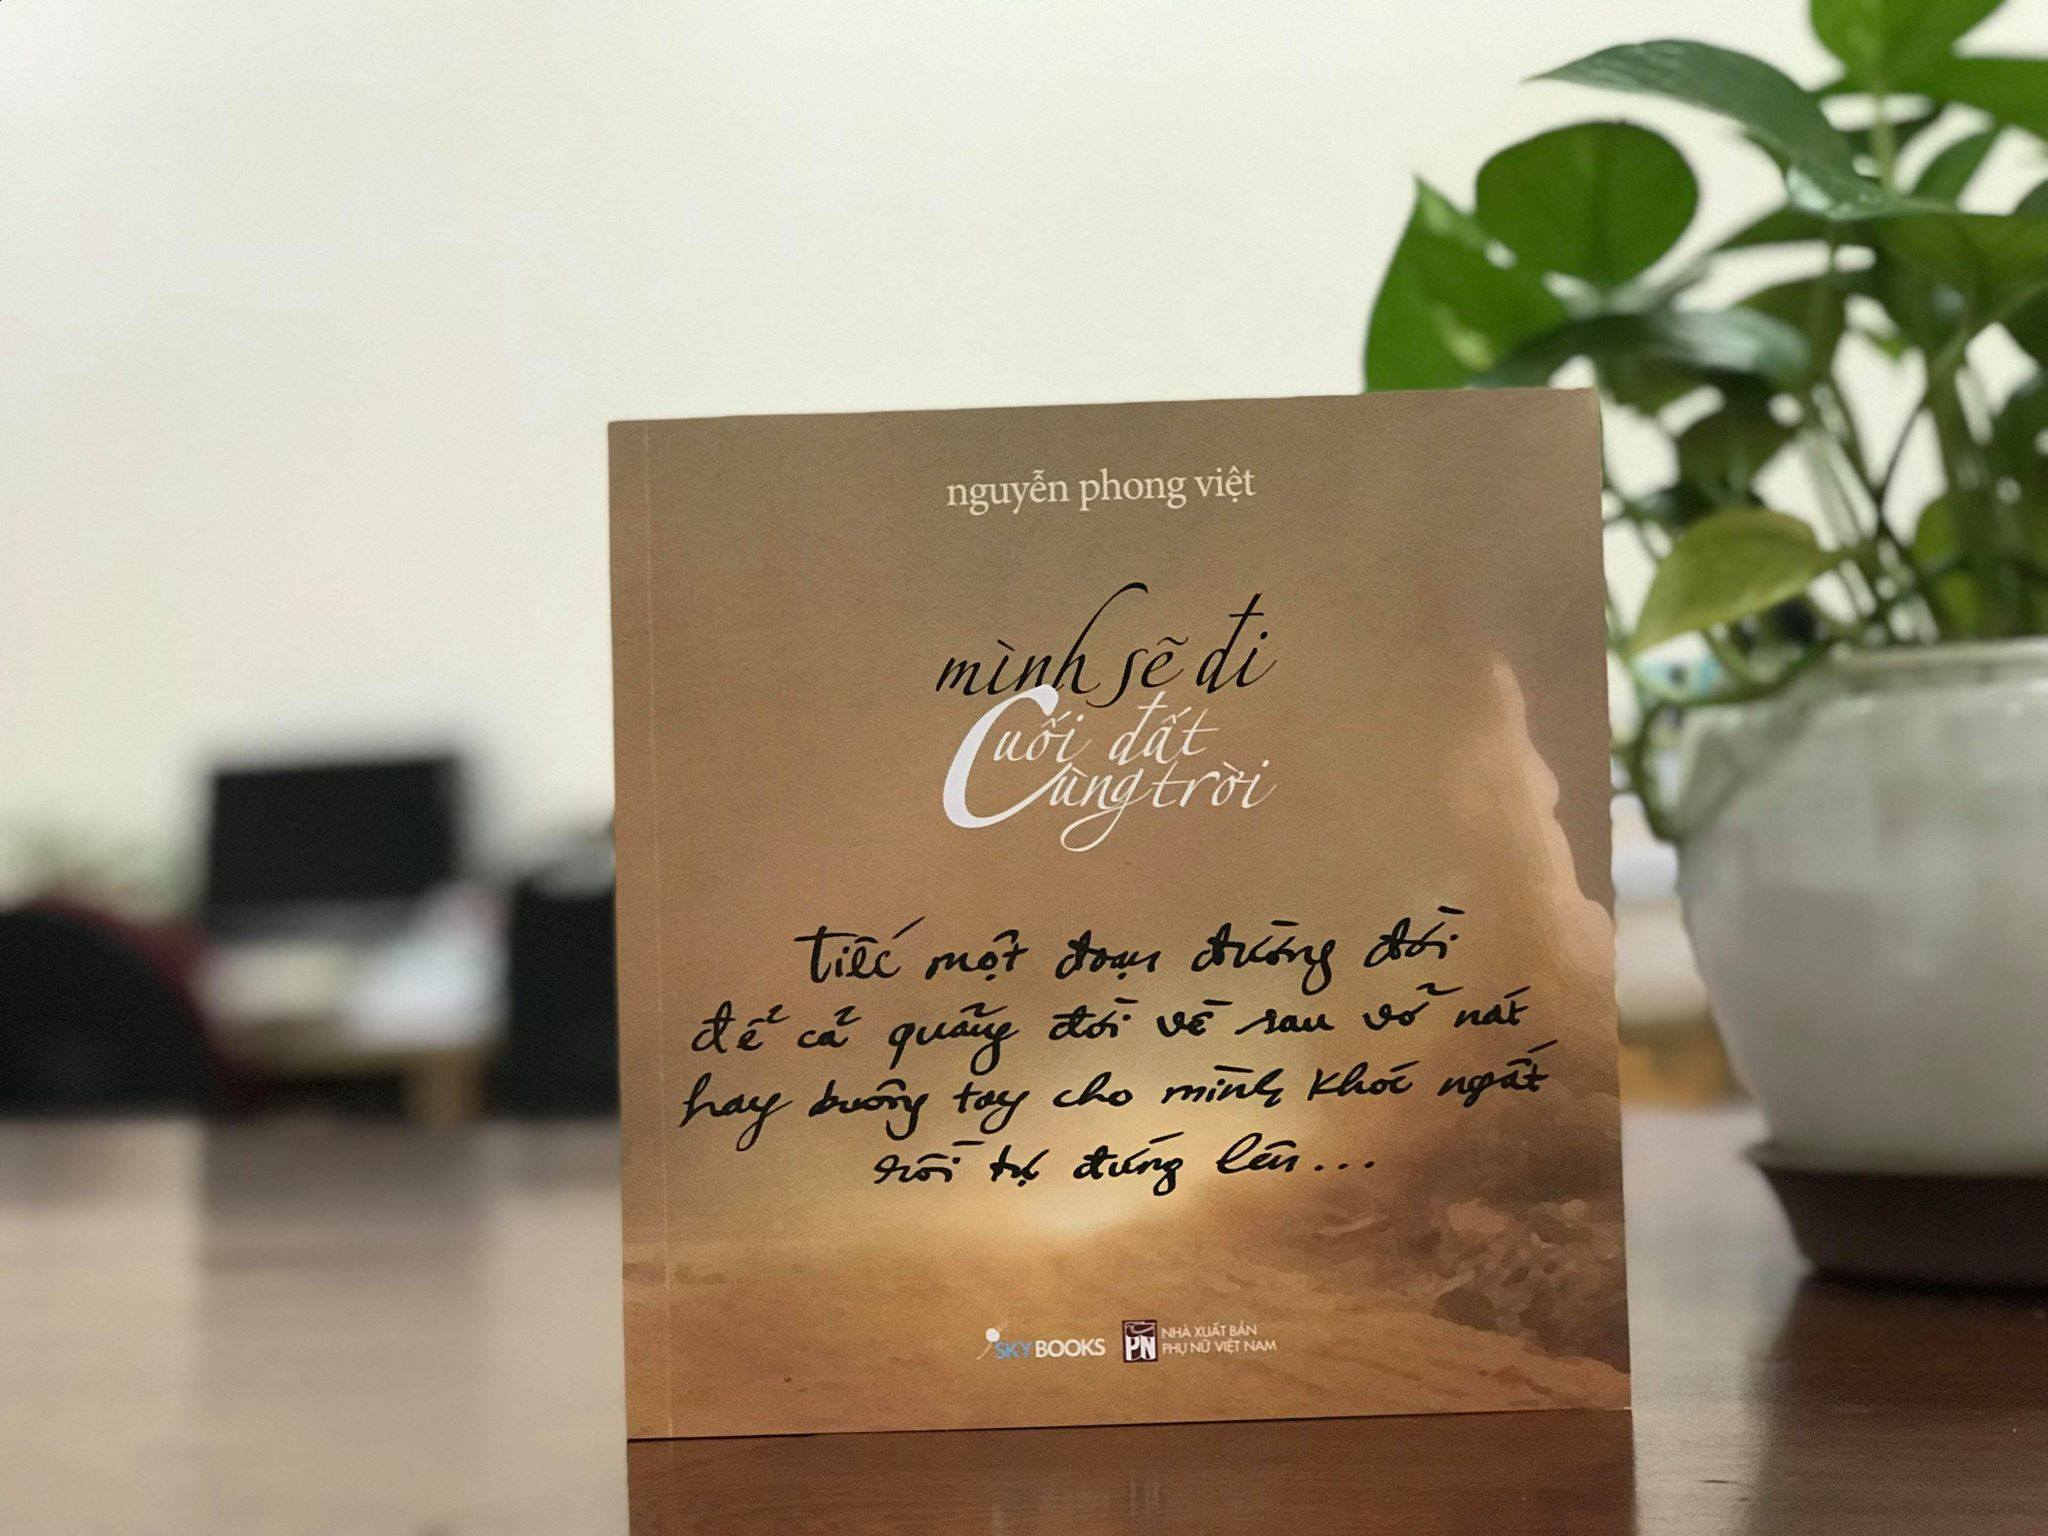 Nhà thơ Nguyễn Phong Việt ra mắt tập thơ 'Mình sẽ đi cuối đất cùng trời'